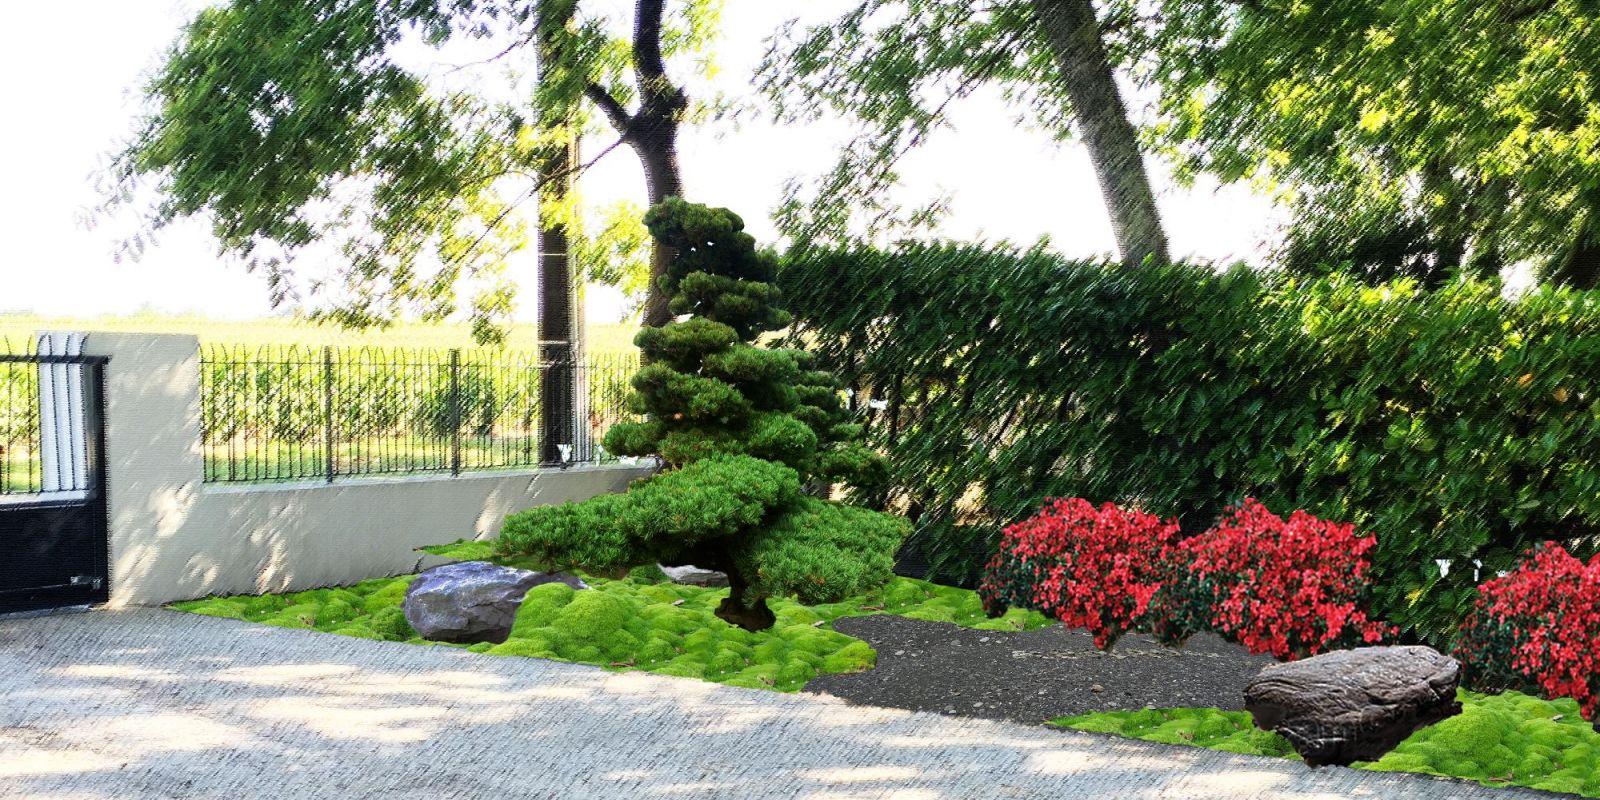 Paysagiste pour r alisation de photomontages dans le m doc for Realisation paysagiste jardin